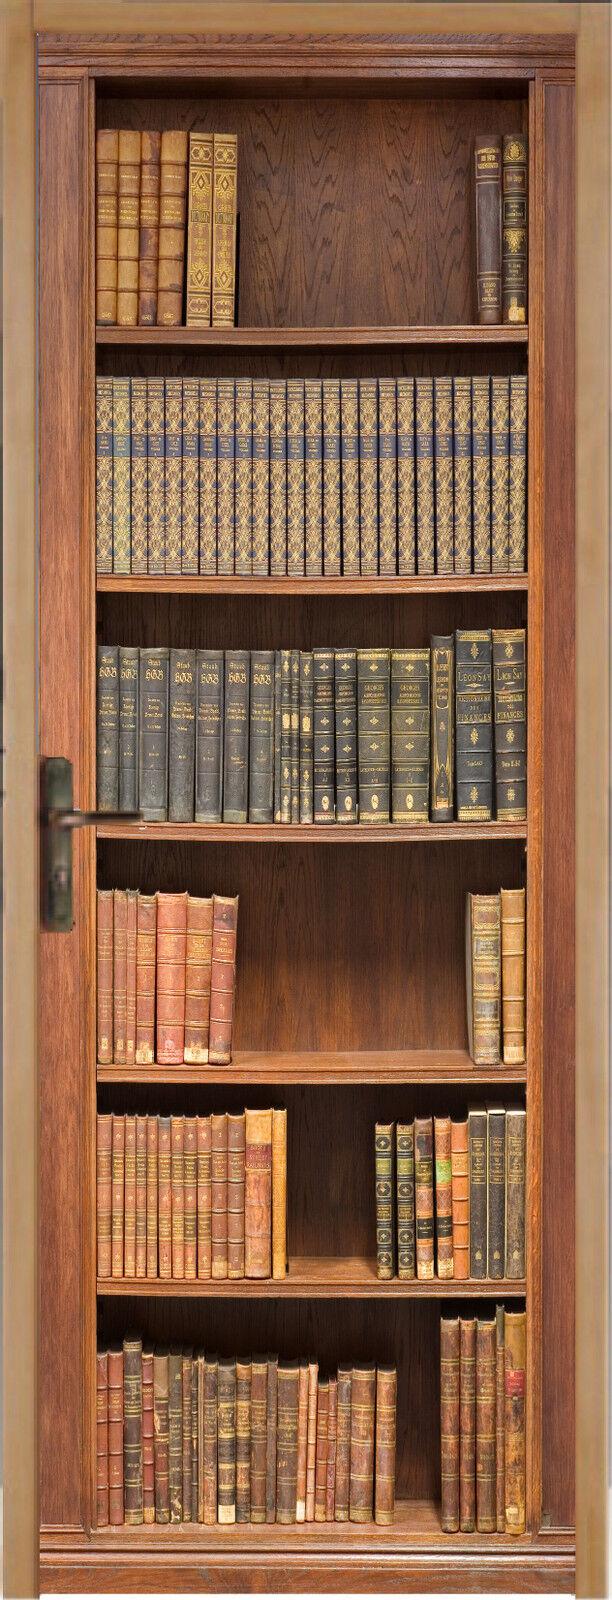 Adhesivo para Puerta Plana Biblioteca 63x204cm Ref 201